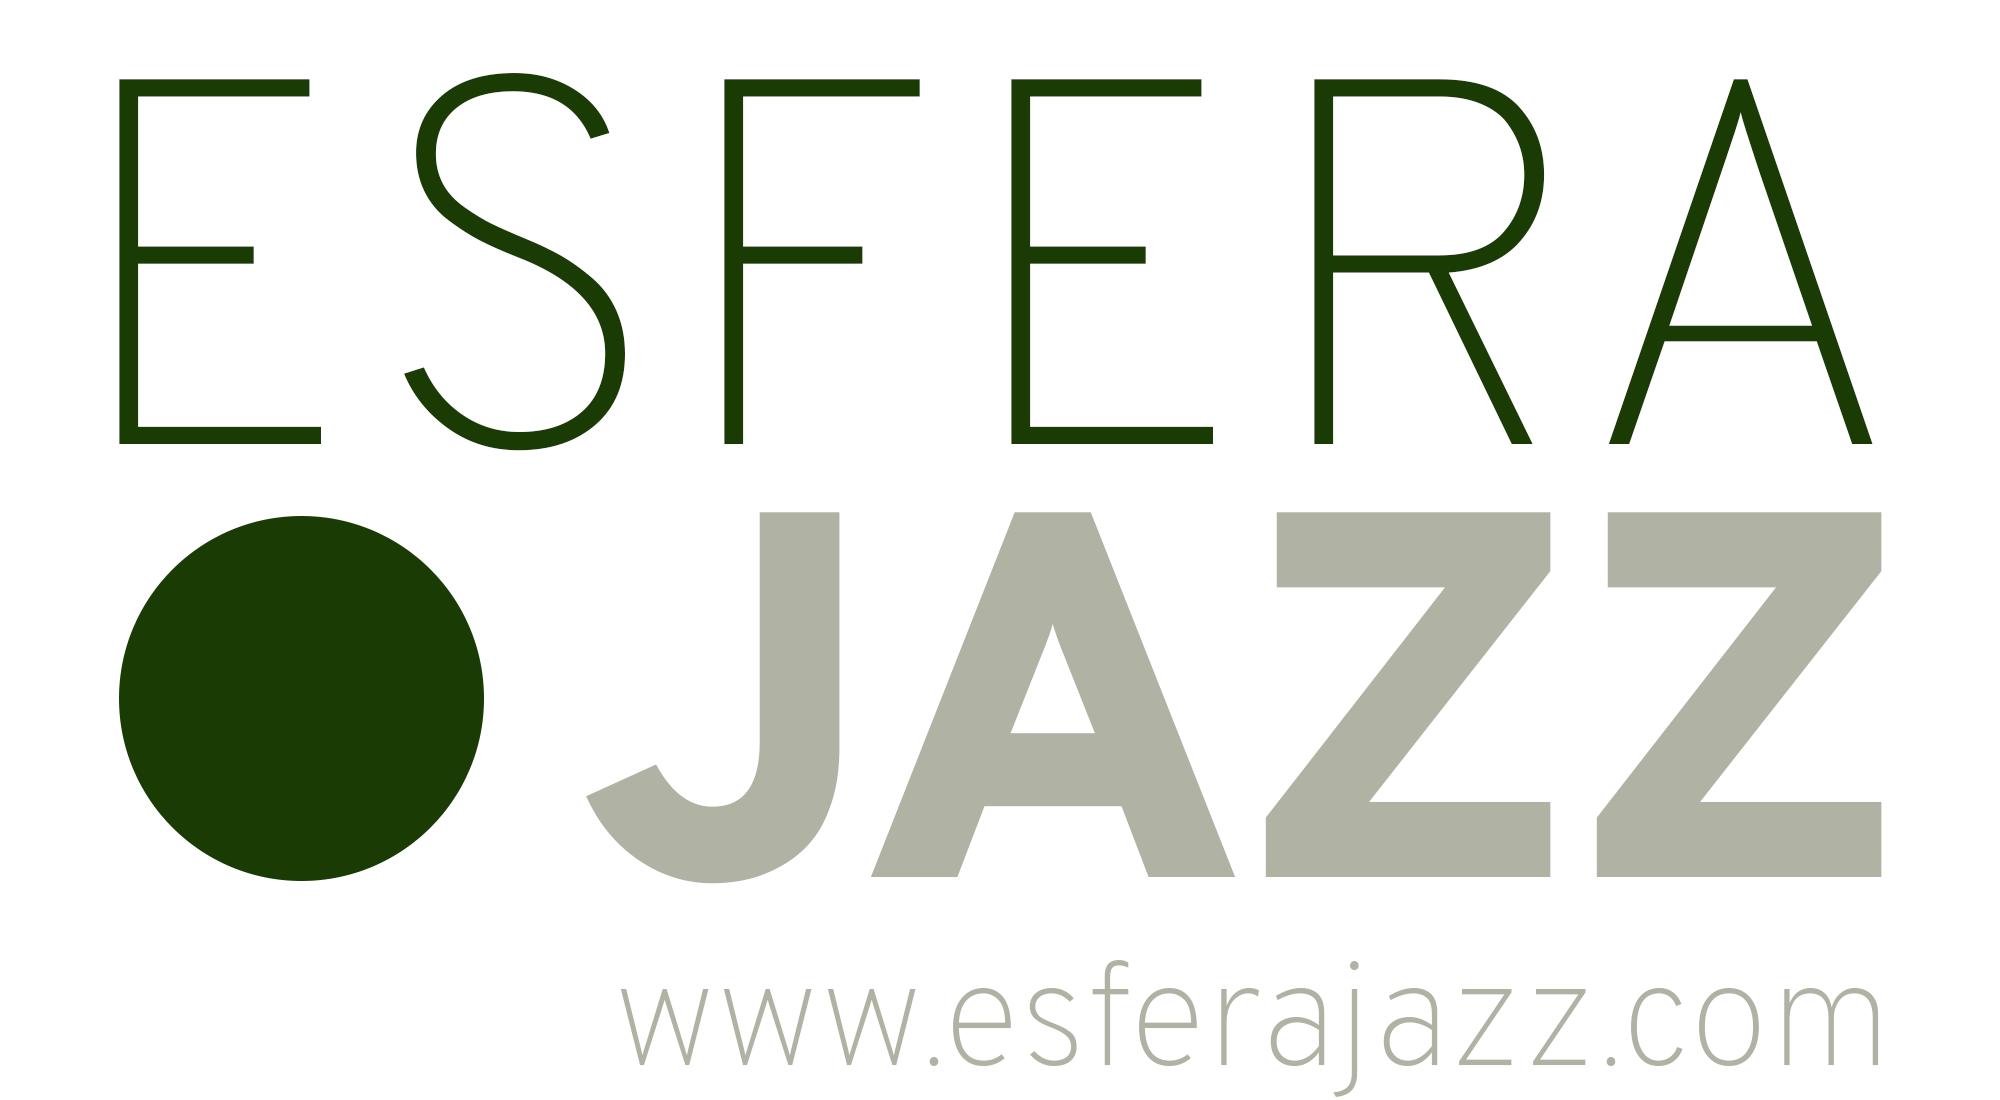 Lanzamiento de la web Esfera Jazz: todo el jazz reunido en un espacio único